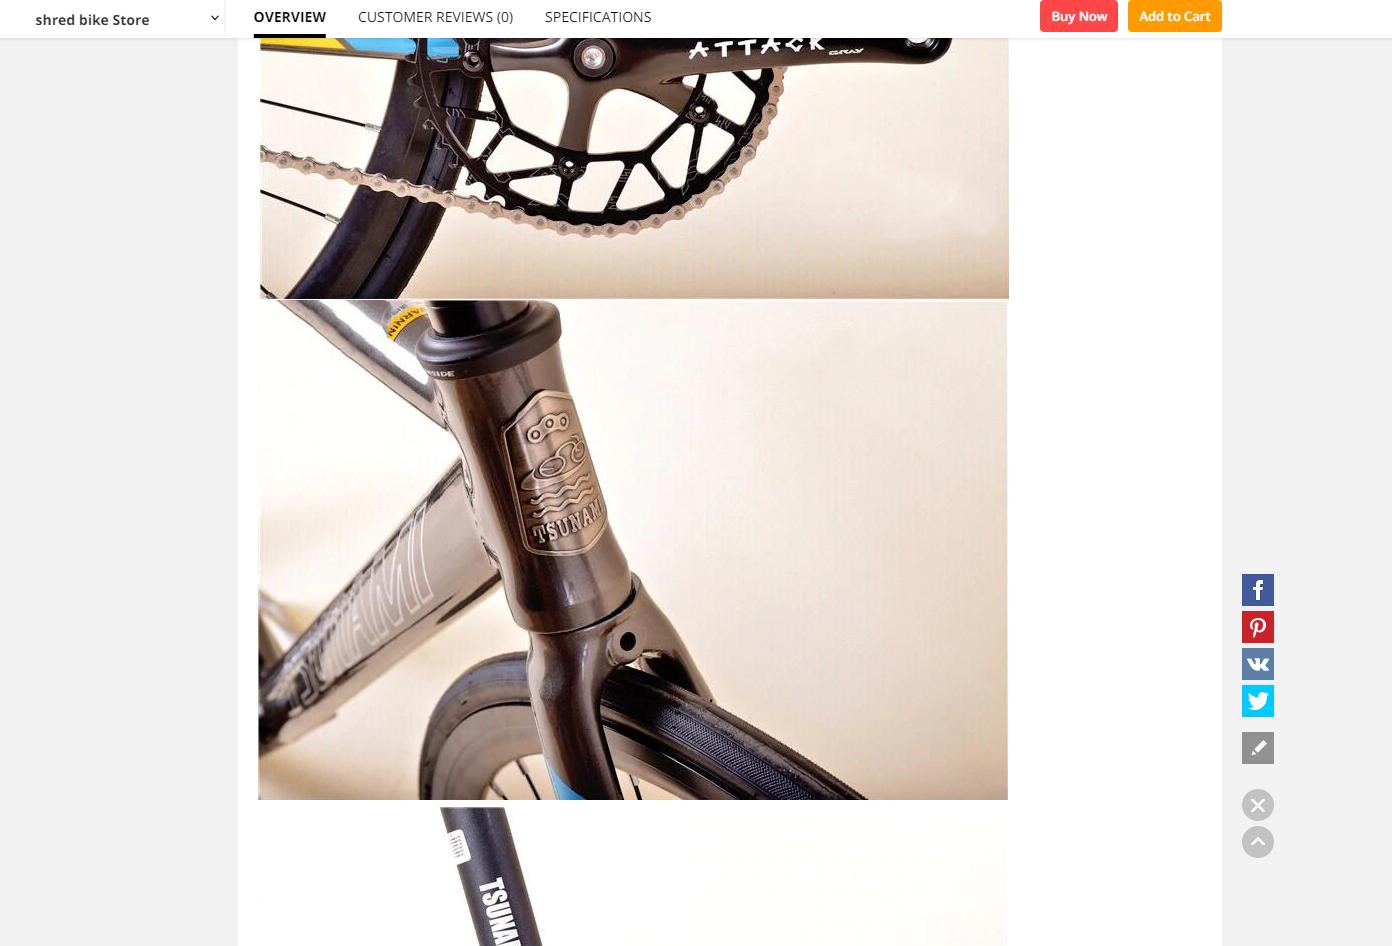 Tanie rowery z Chin